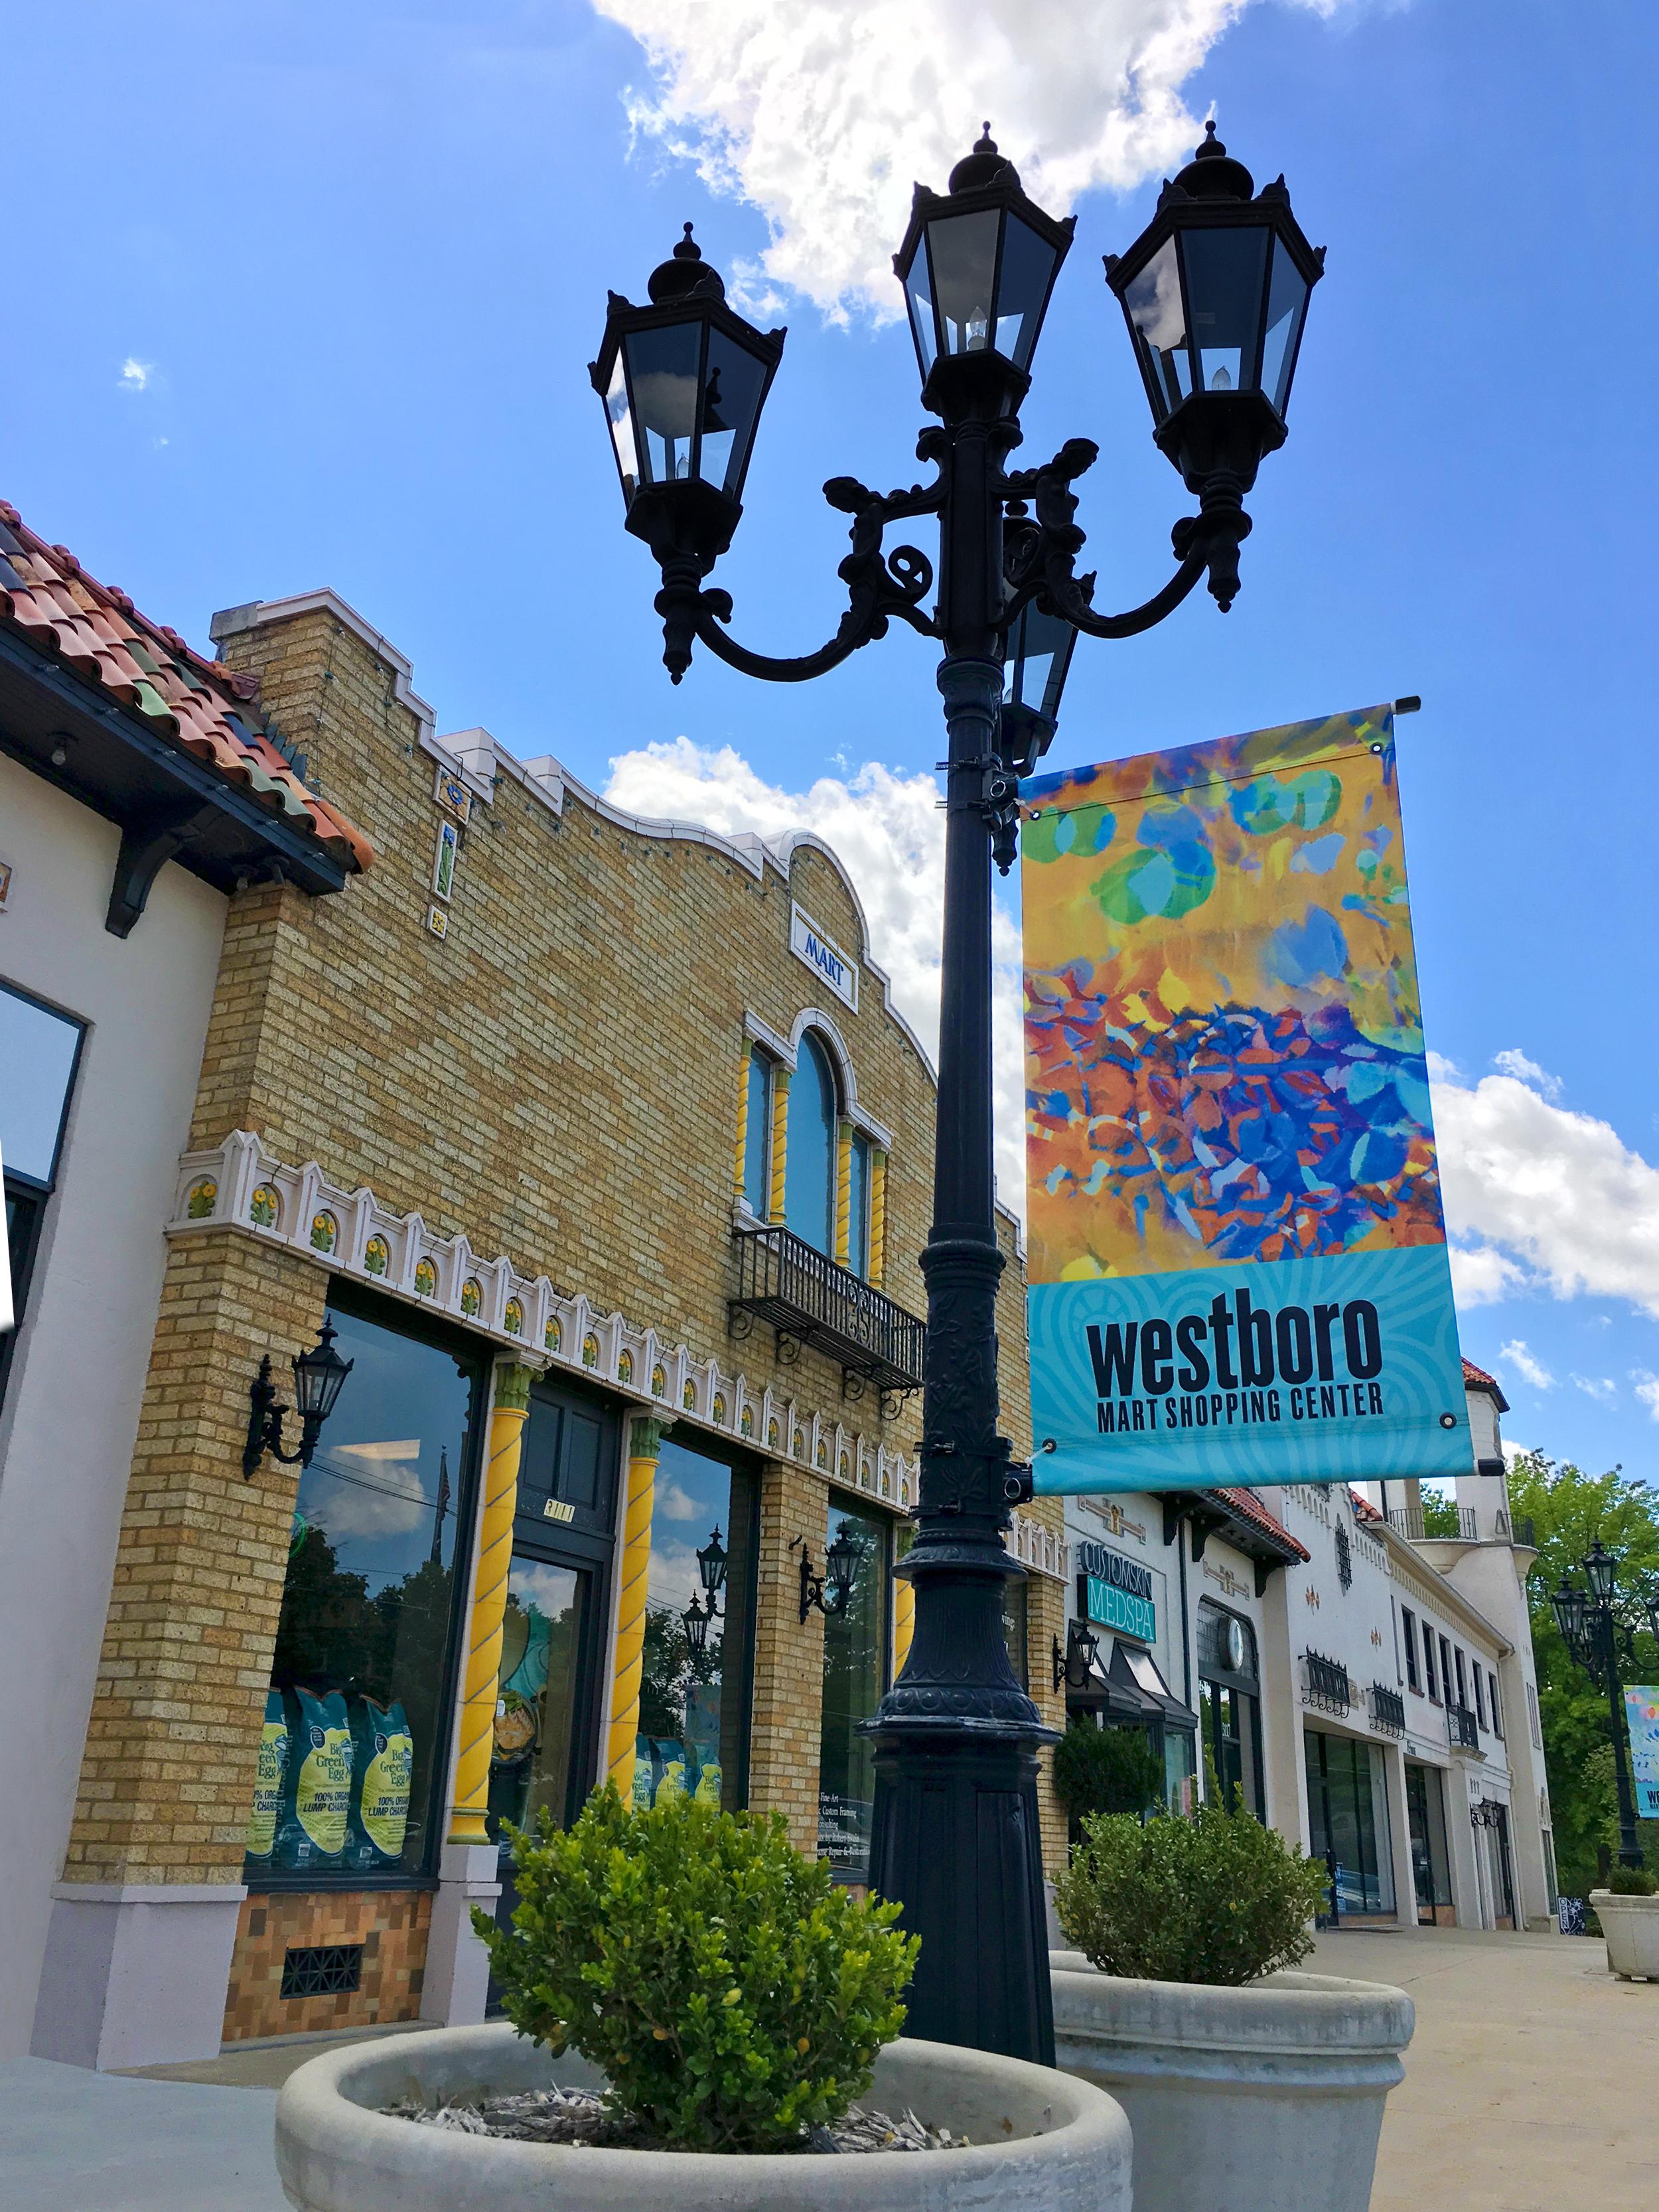 Westboro Shopping Center